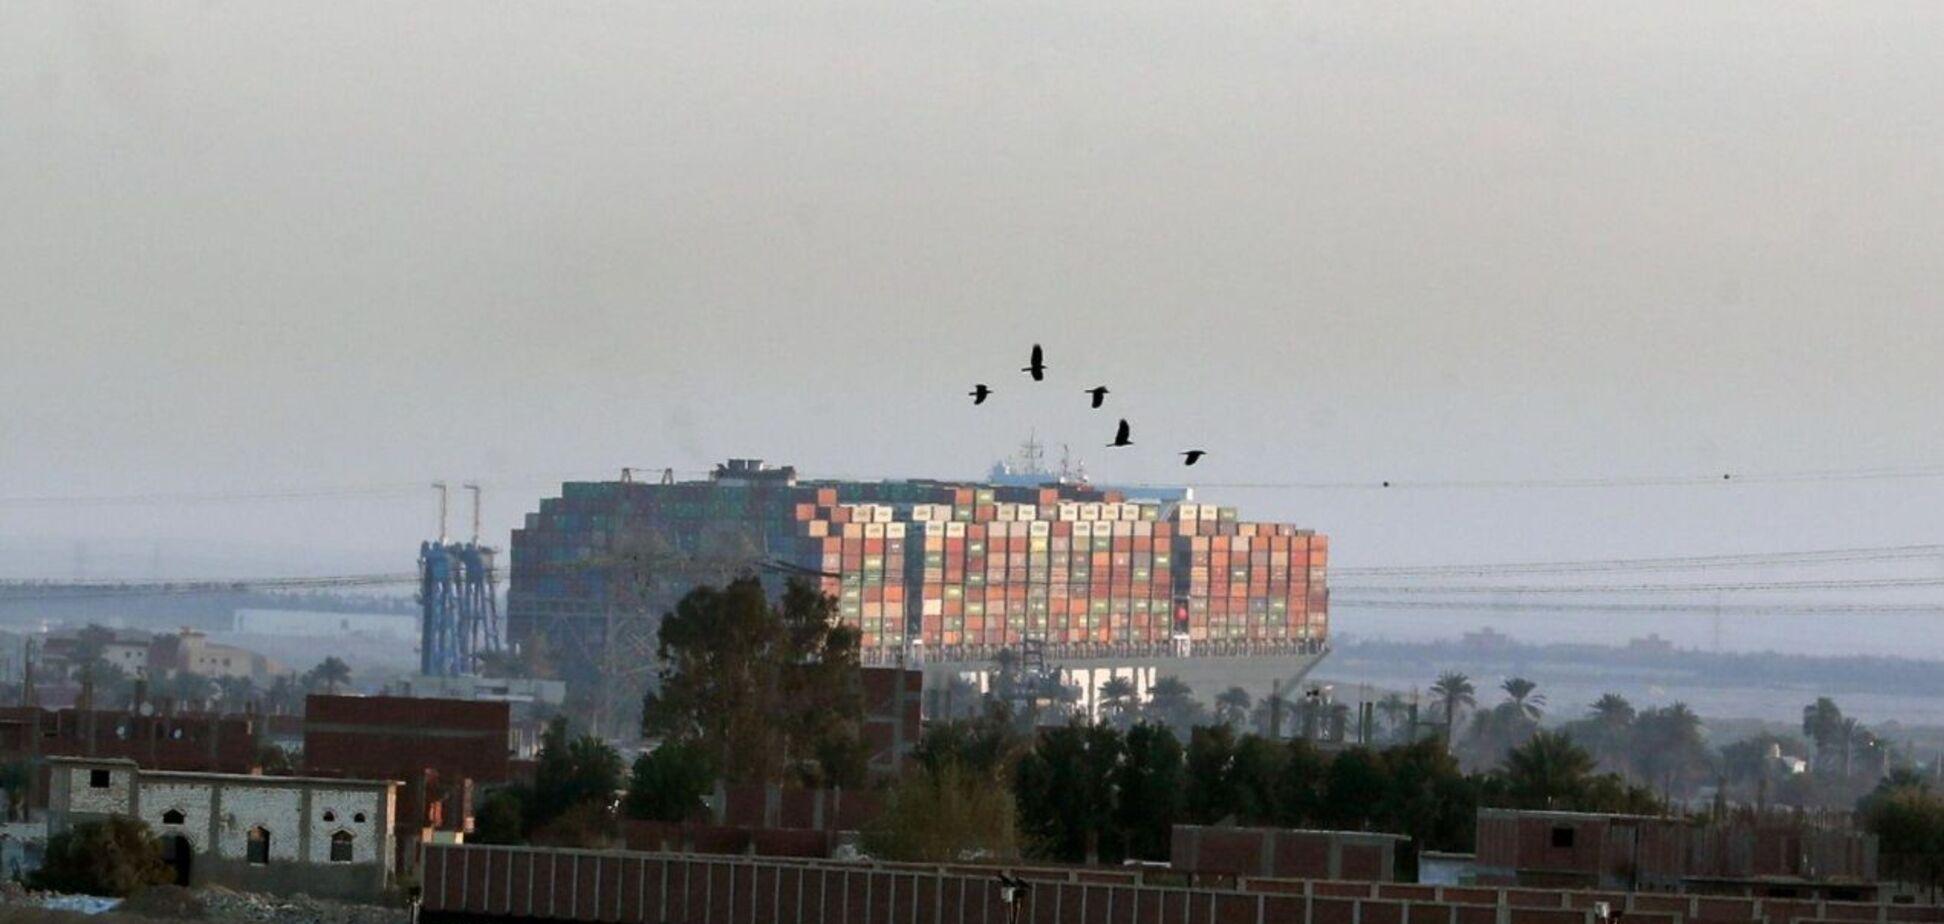 Застрявший в Суэцком канале контейнеровоз не смогли сдвинуть с места